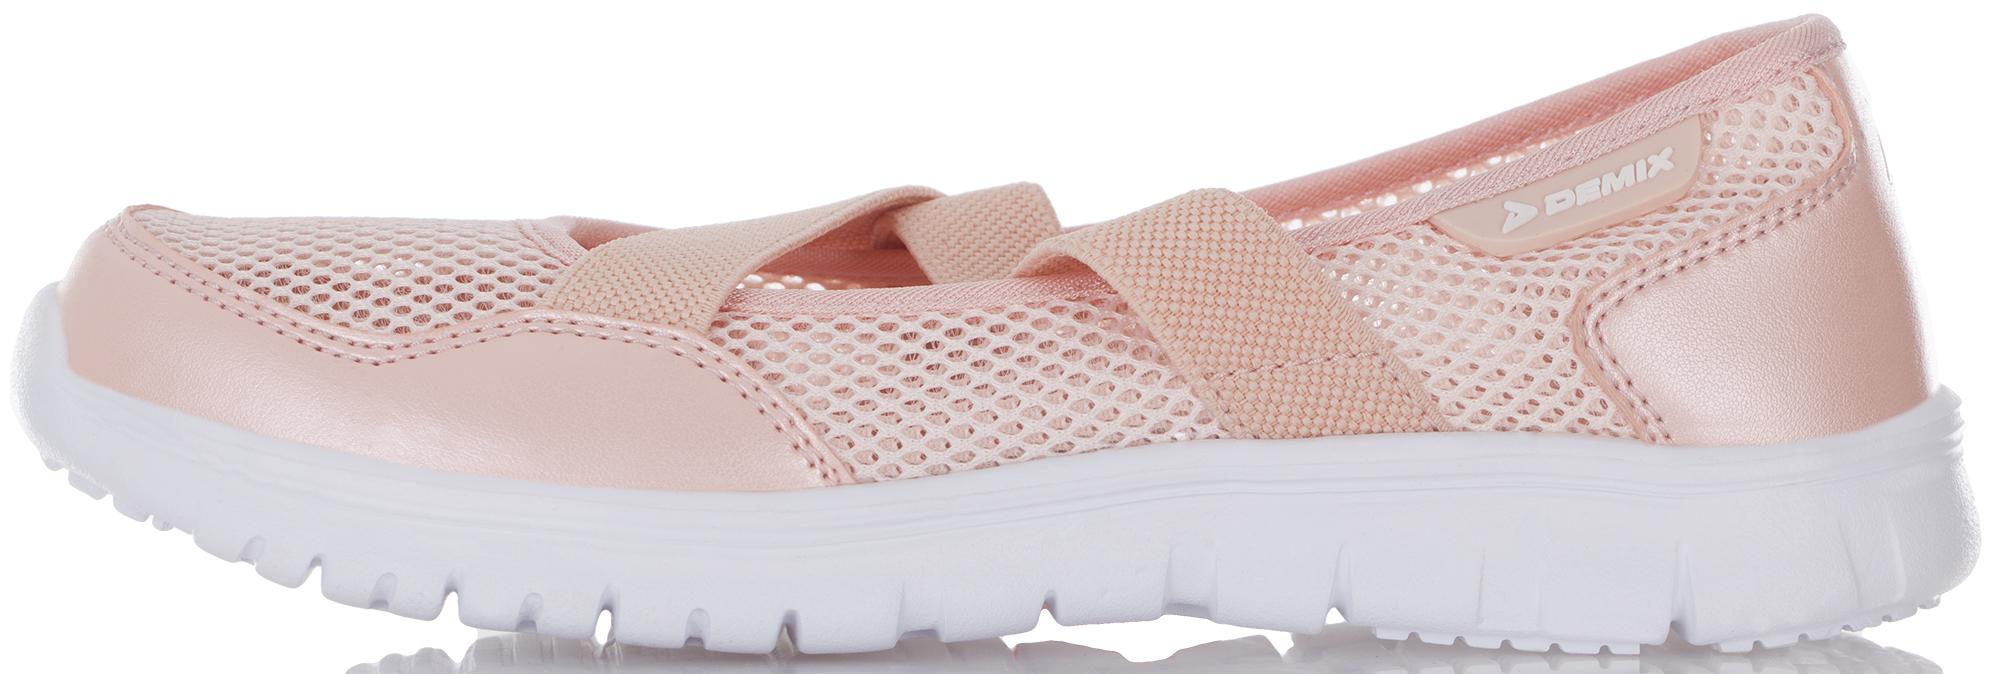 Demix Туфли для девочек Demix Sweet, размер 37 цена